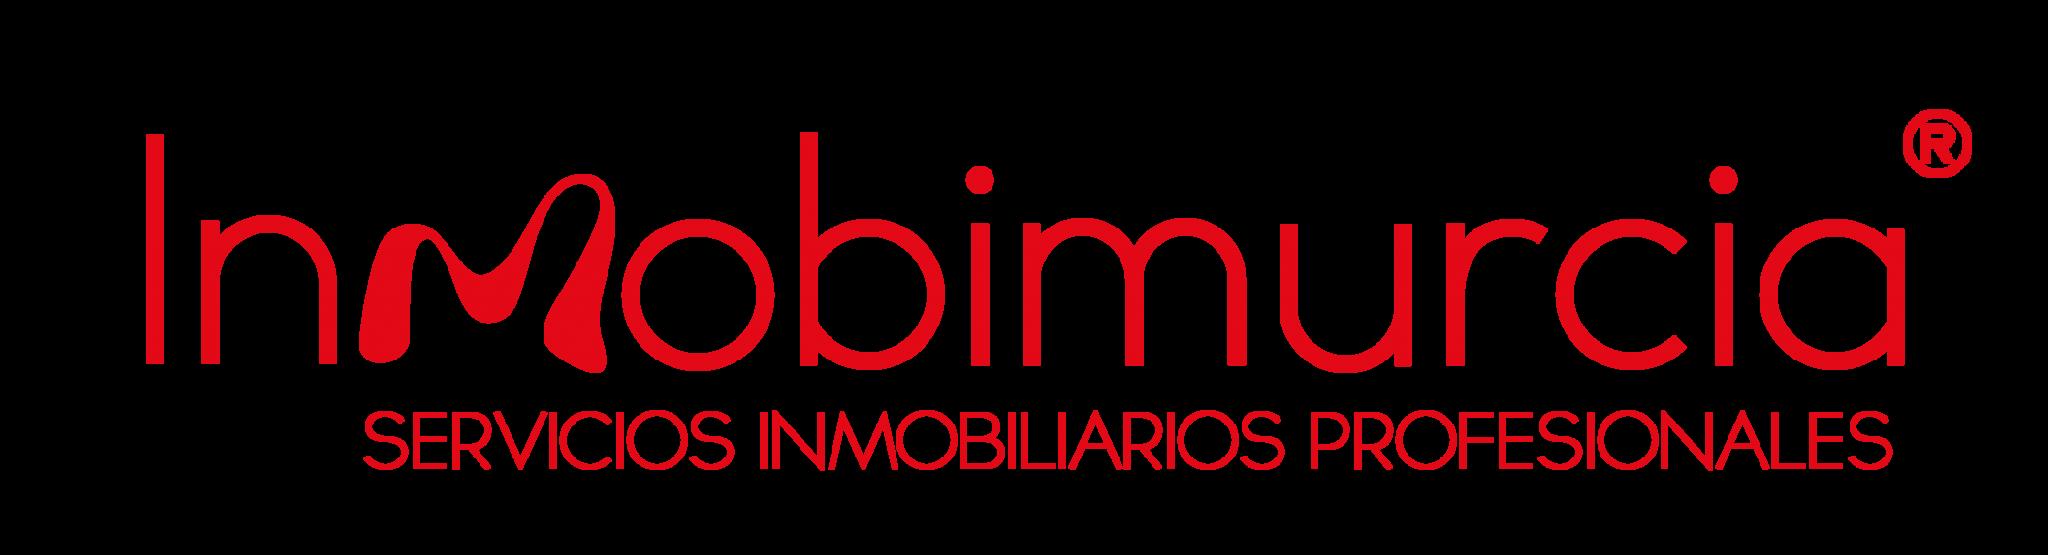 Miguel Ángel Orenes - Inmobimurcia - Alcantarilla